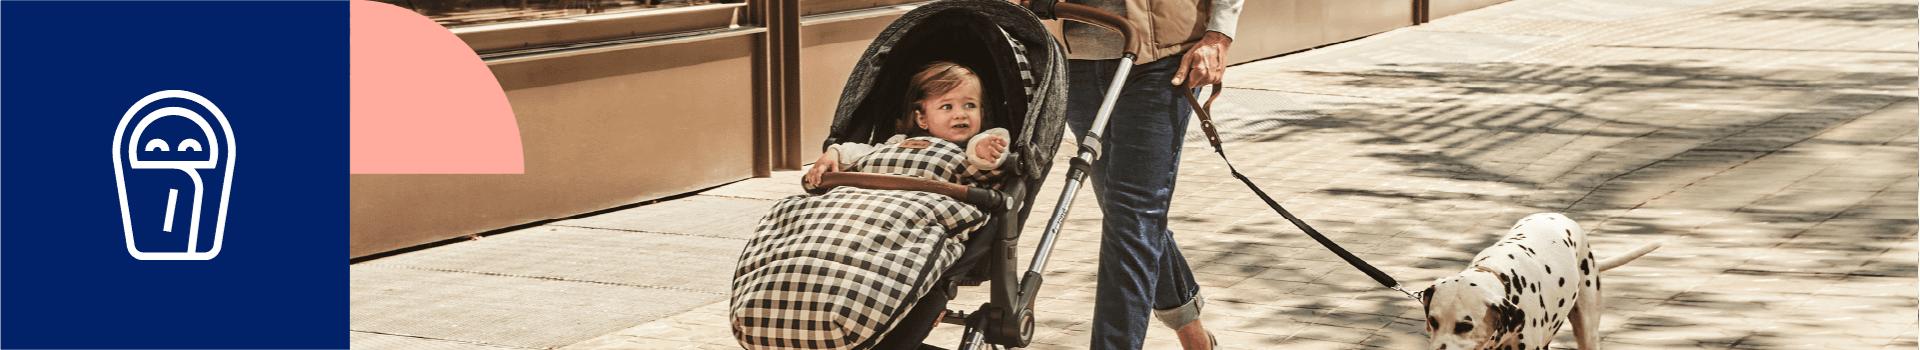 Accesorios Cochecitos | Todo para el carrito del bebé | Janéworld